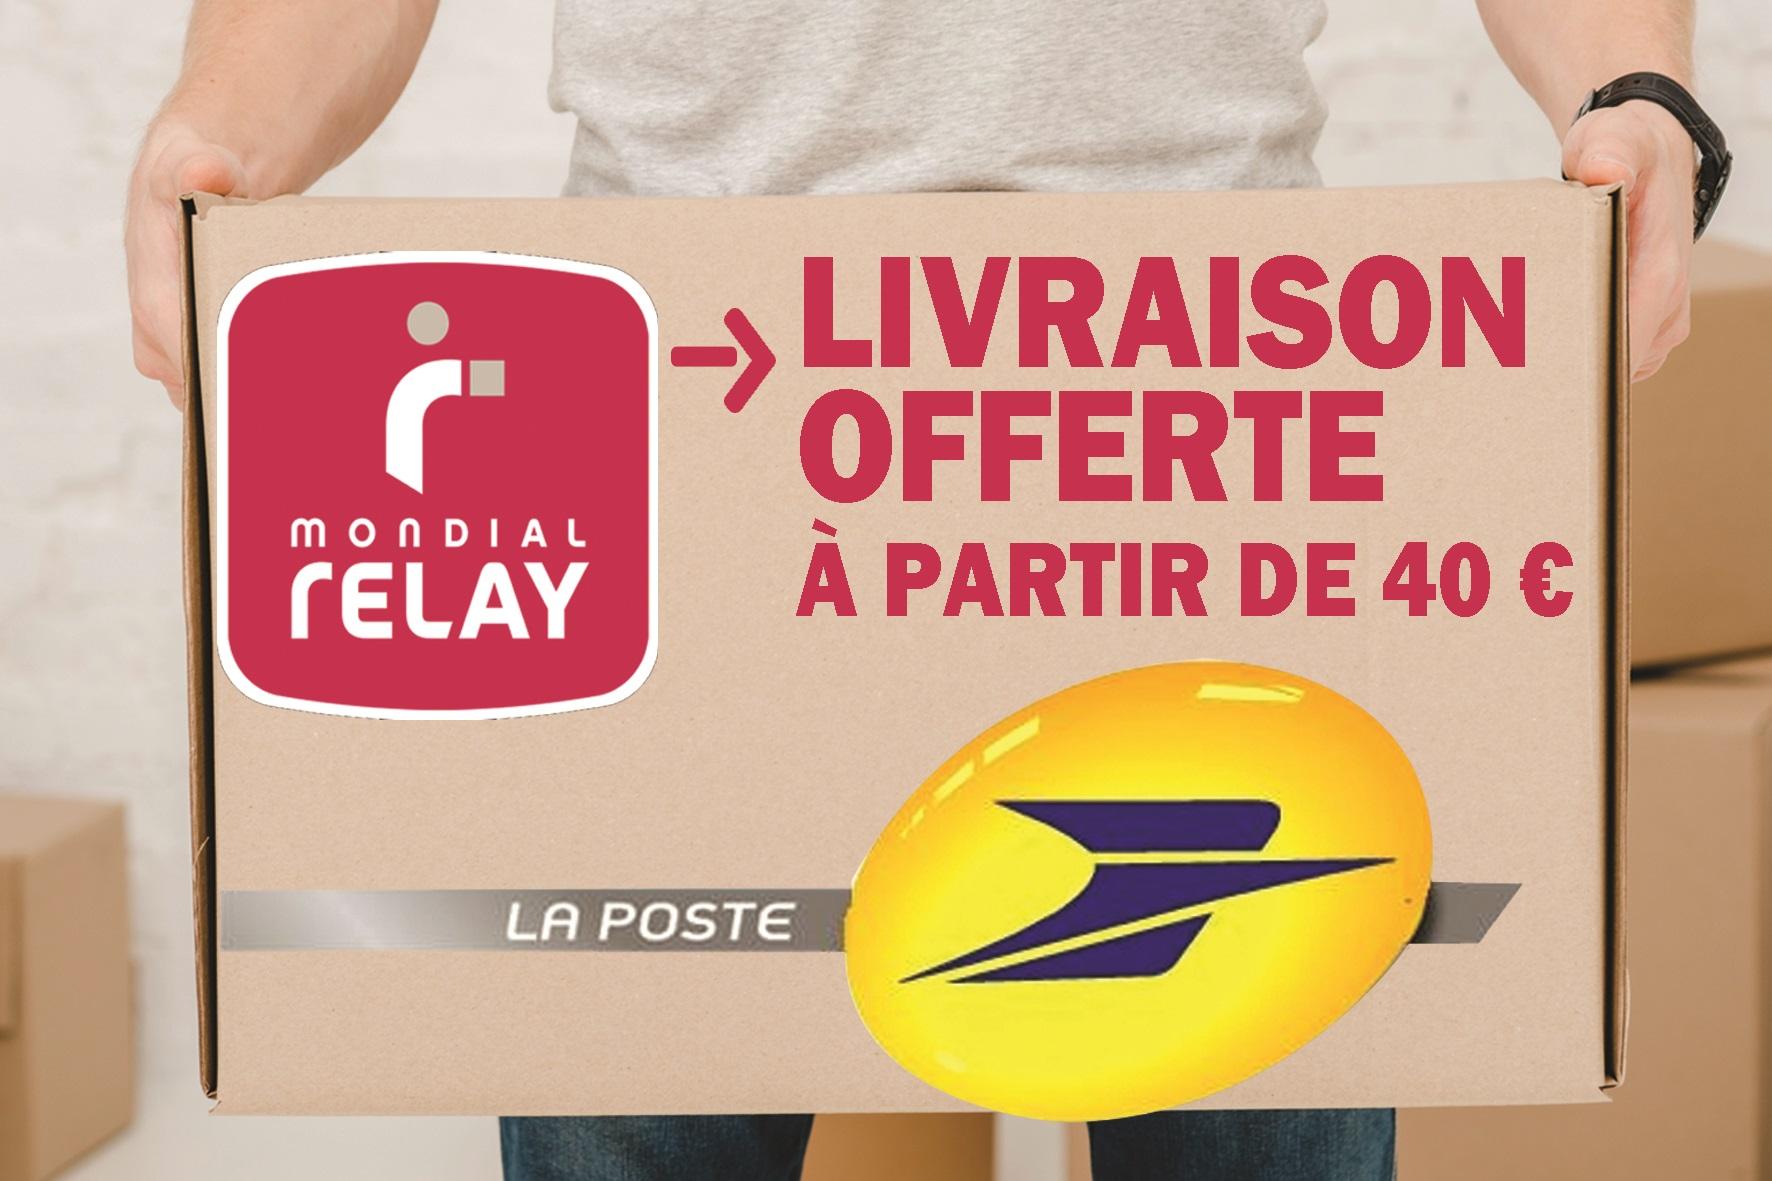 Livraison gratuite pour 40 euros d'achats sur tout notre site internet